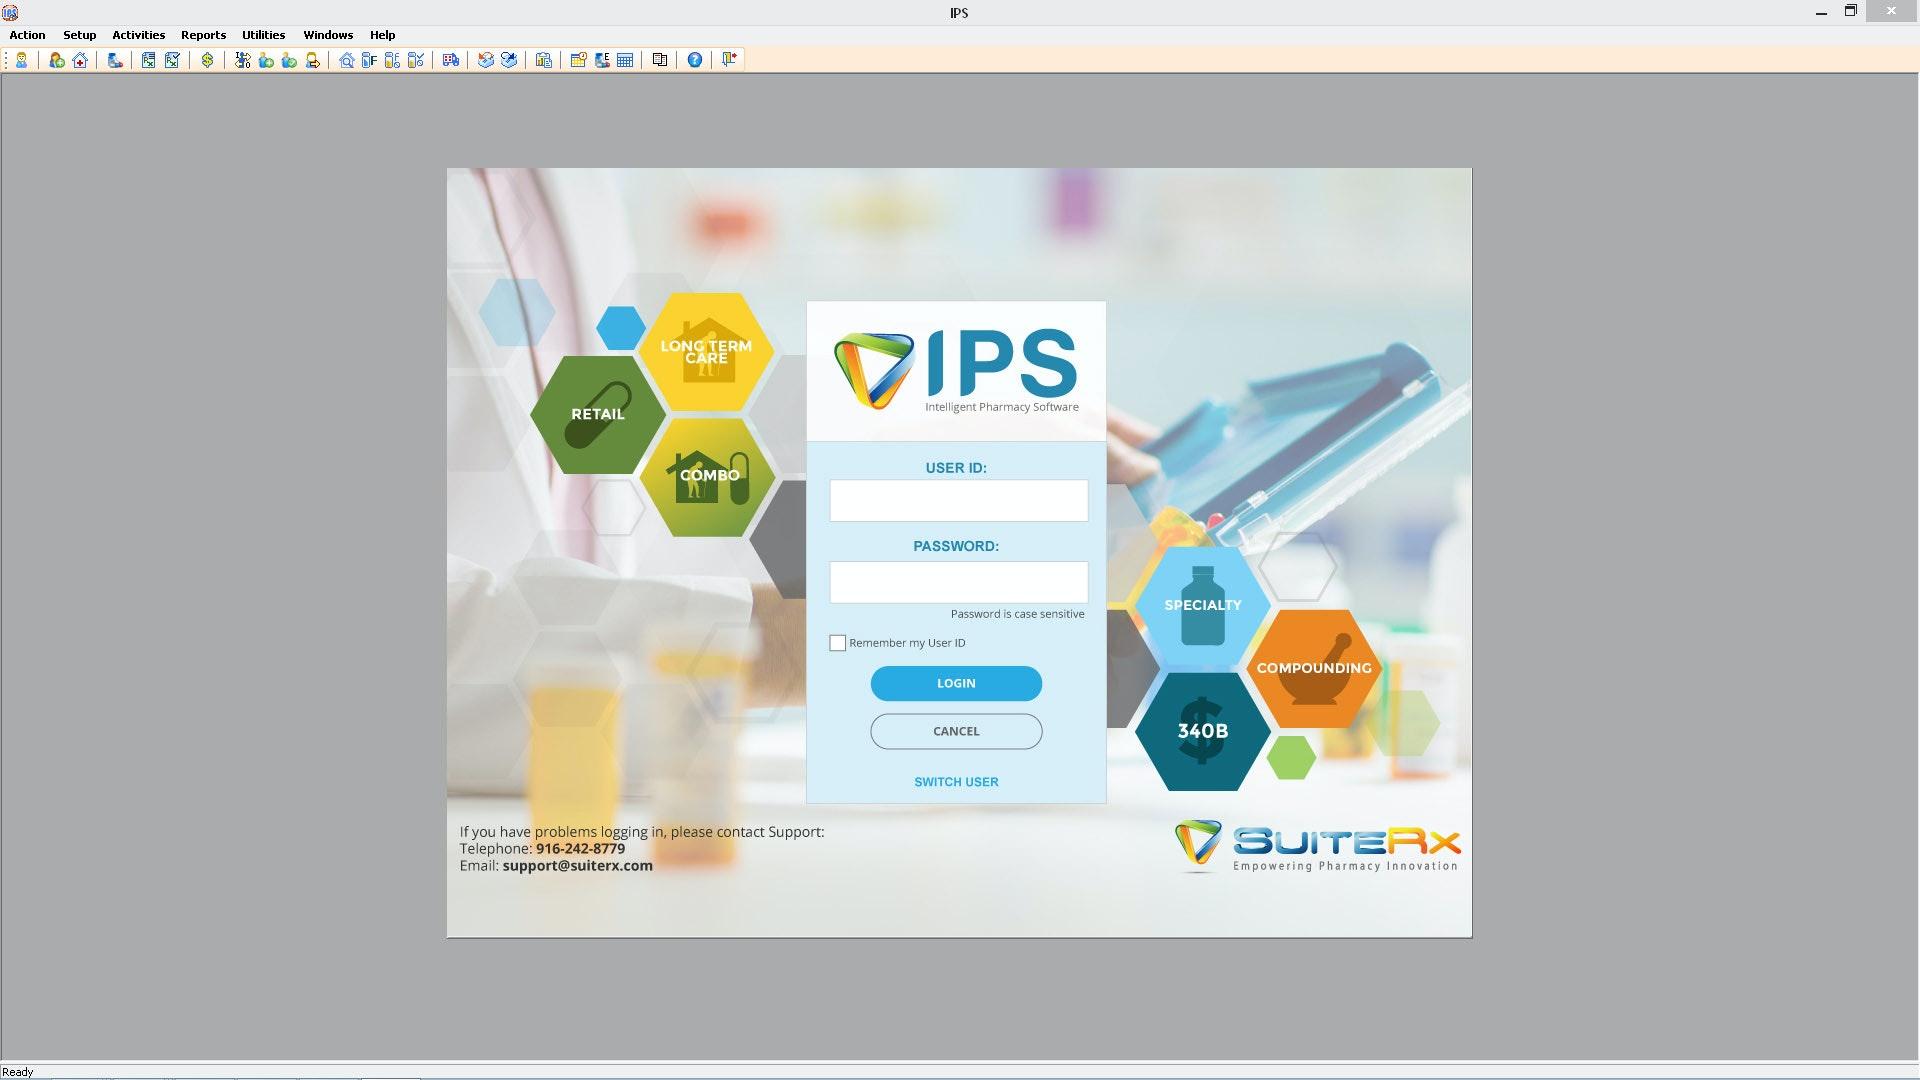 SuiteRx IPS